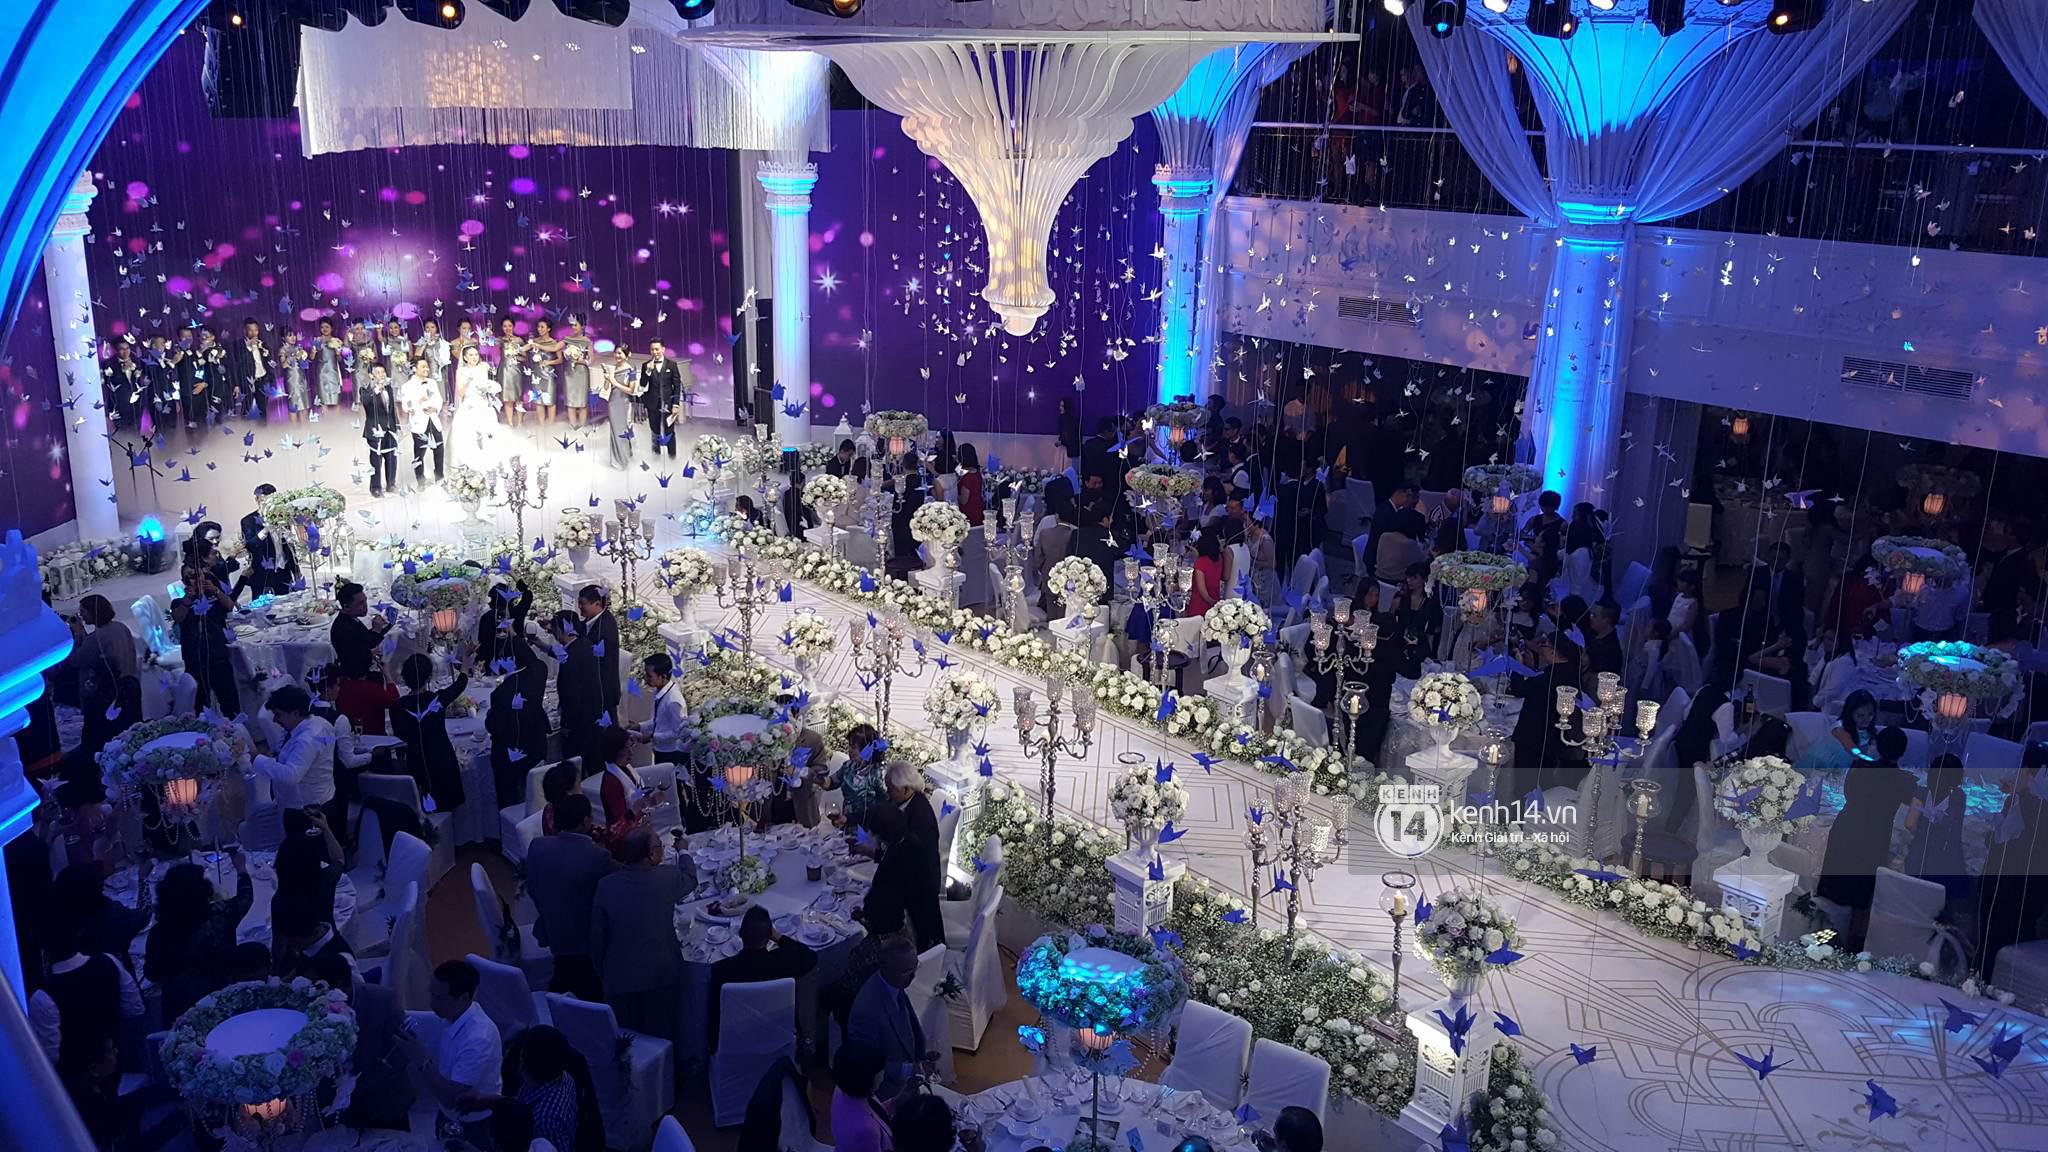 Đám cưới MC Mai Ngọc: Không gian lộng lẫy, cầu kỳ, xứng đáng là đám cưới sang chảnh nhất Hà Nội hôm nay - Ảnh 23.